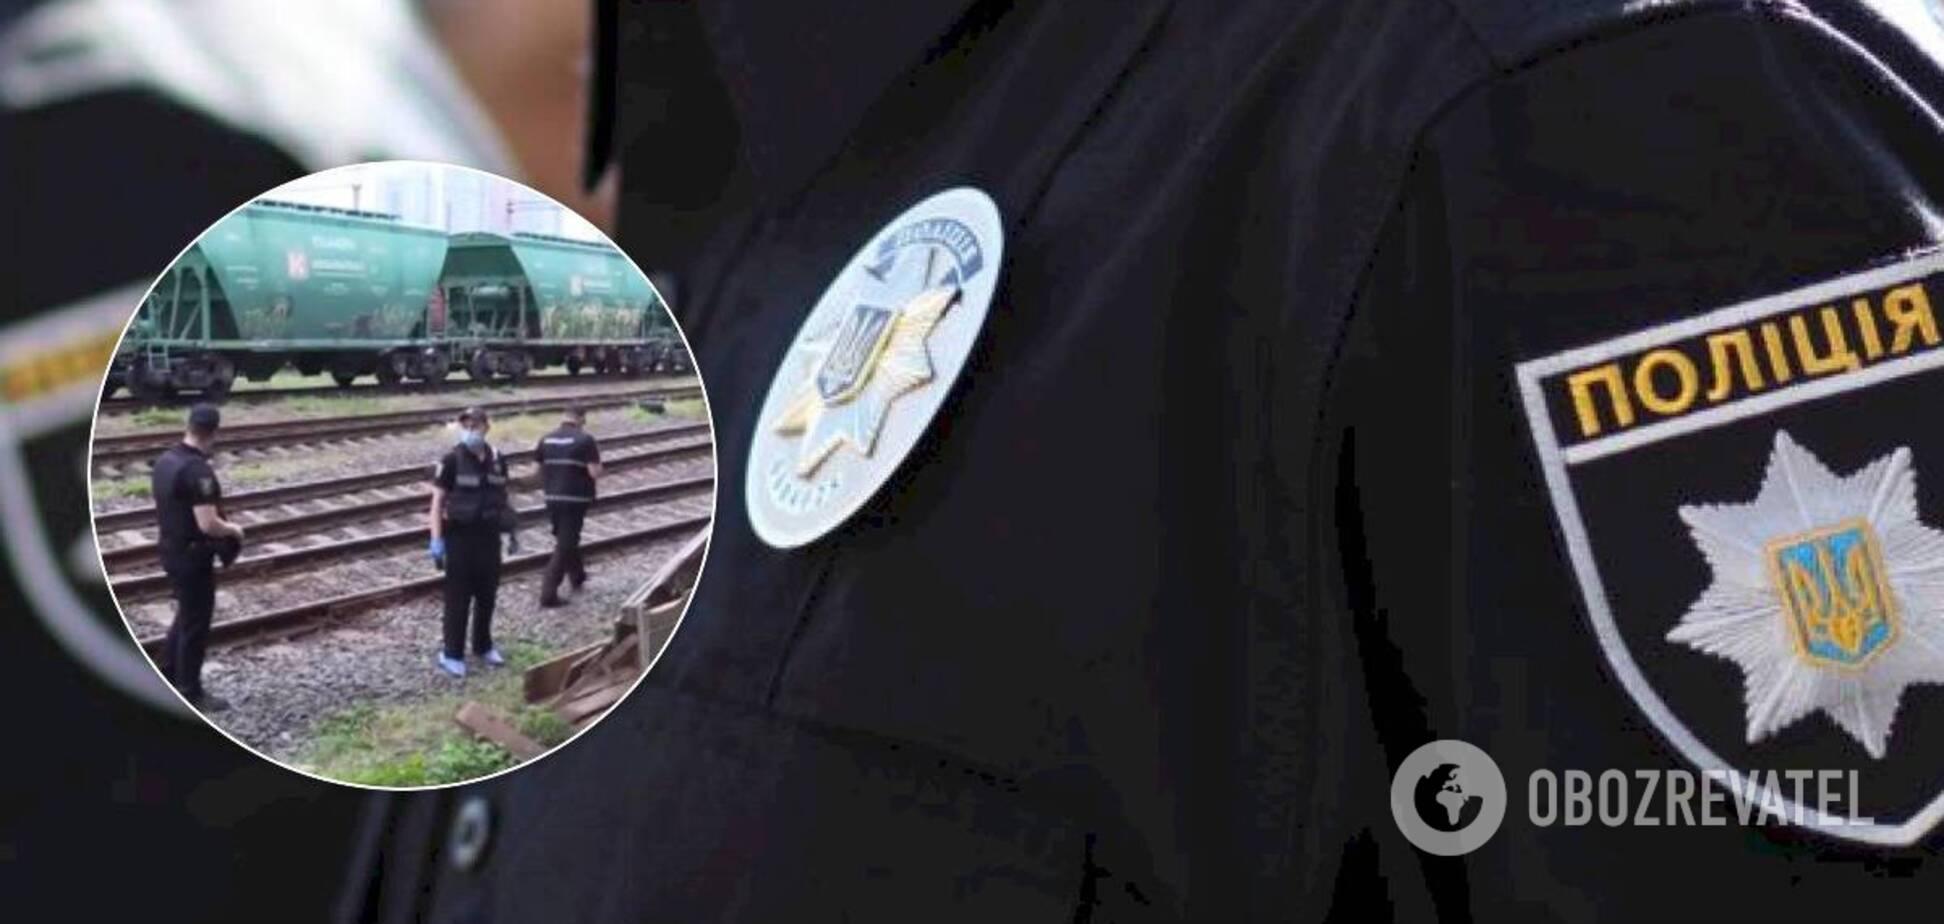 Поліція затримала підозрюваних у вбивстві чоловіка біля вокзалу